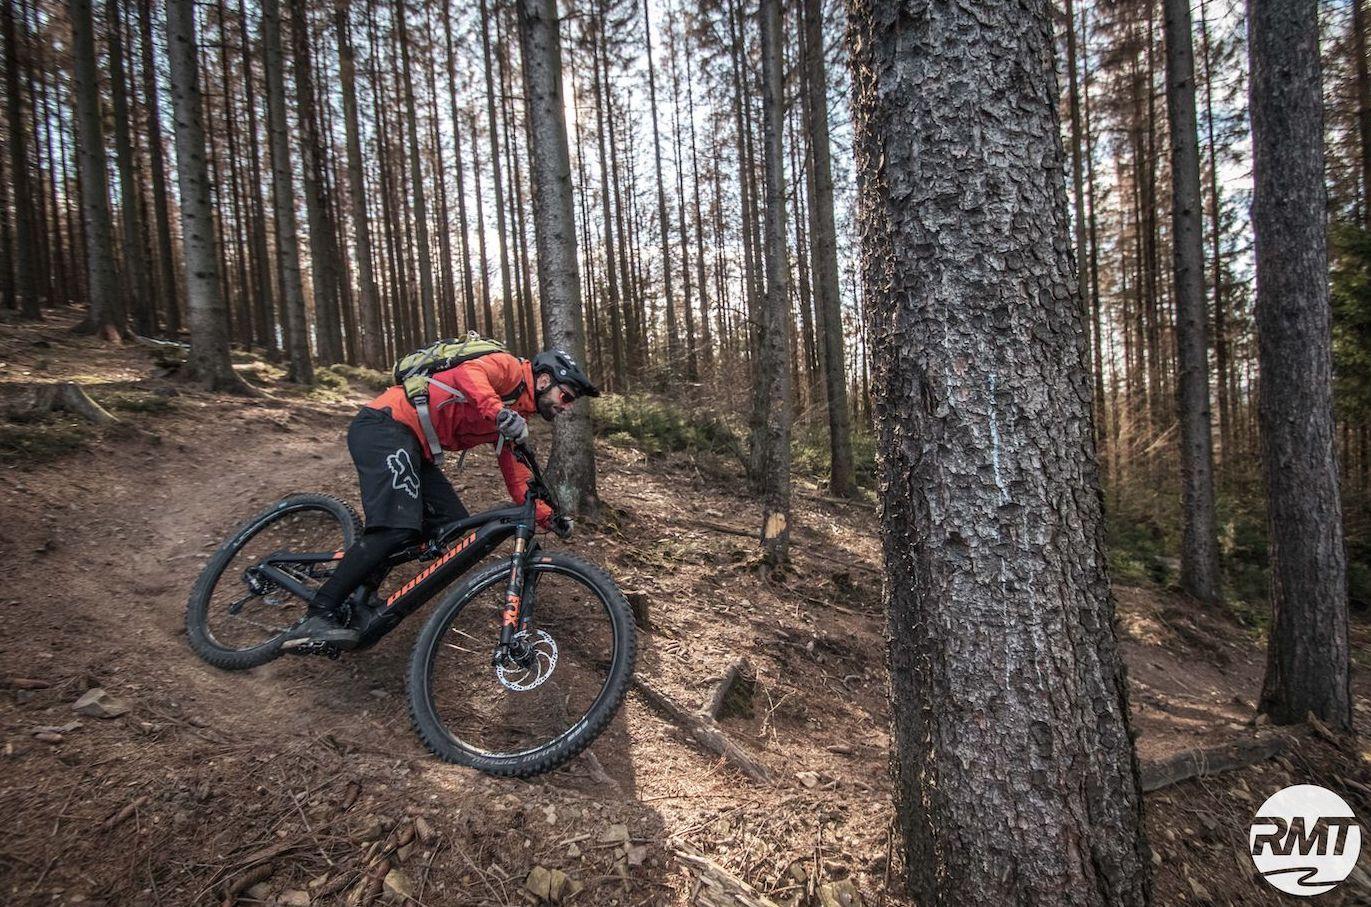 MTB Fahrtechnik Kurs Fortgeschrittene in Tübingen - Mountainbike Einsteiger - Fortgeschritten - Rock my Trail Bikeschule